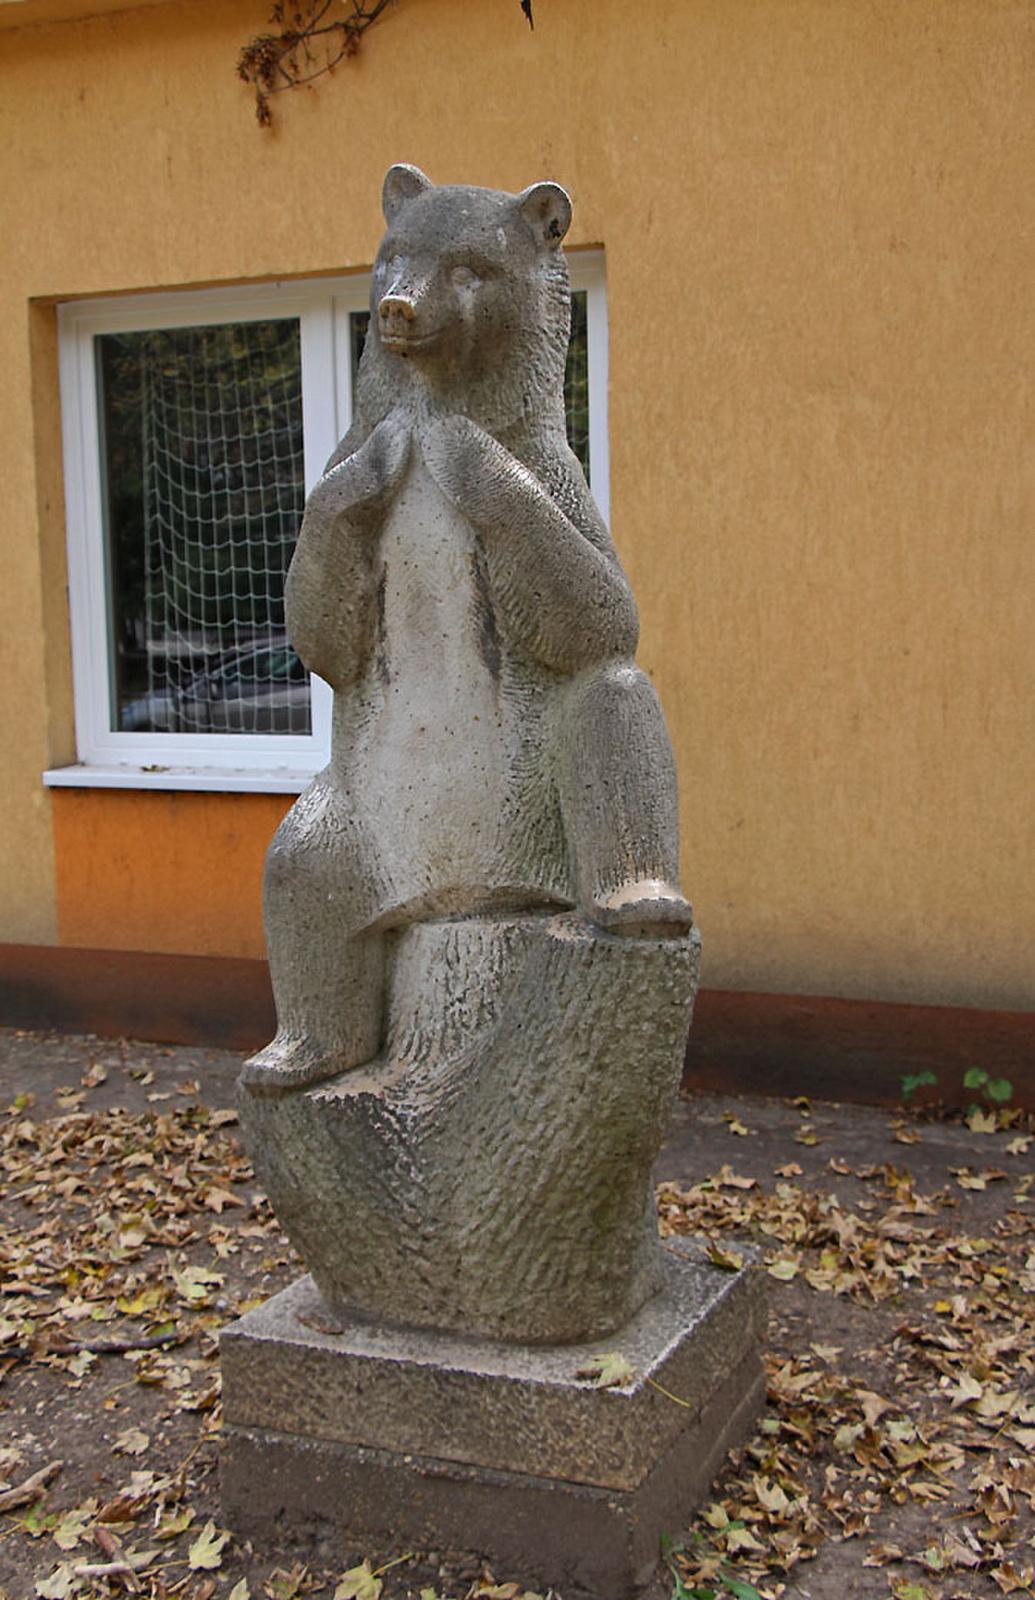 Ülő medve-szobor - III Meggyfa u 14